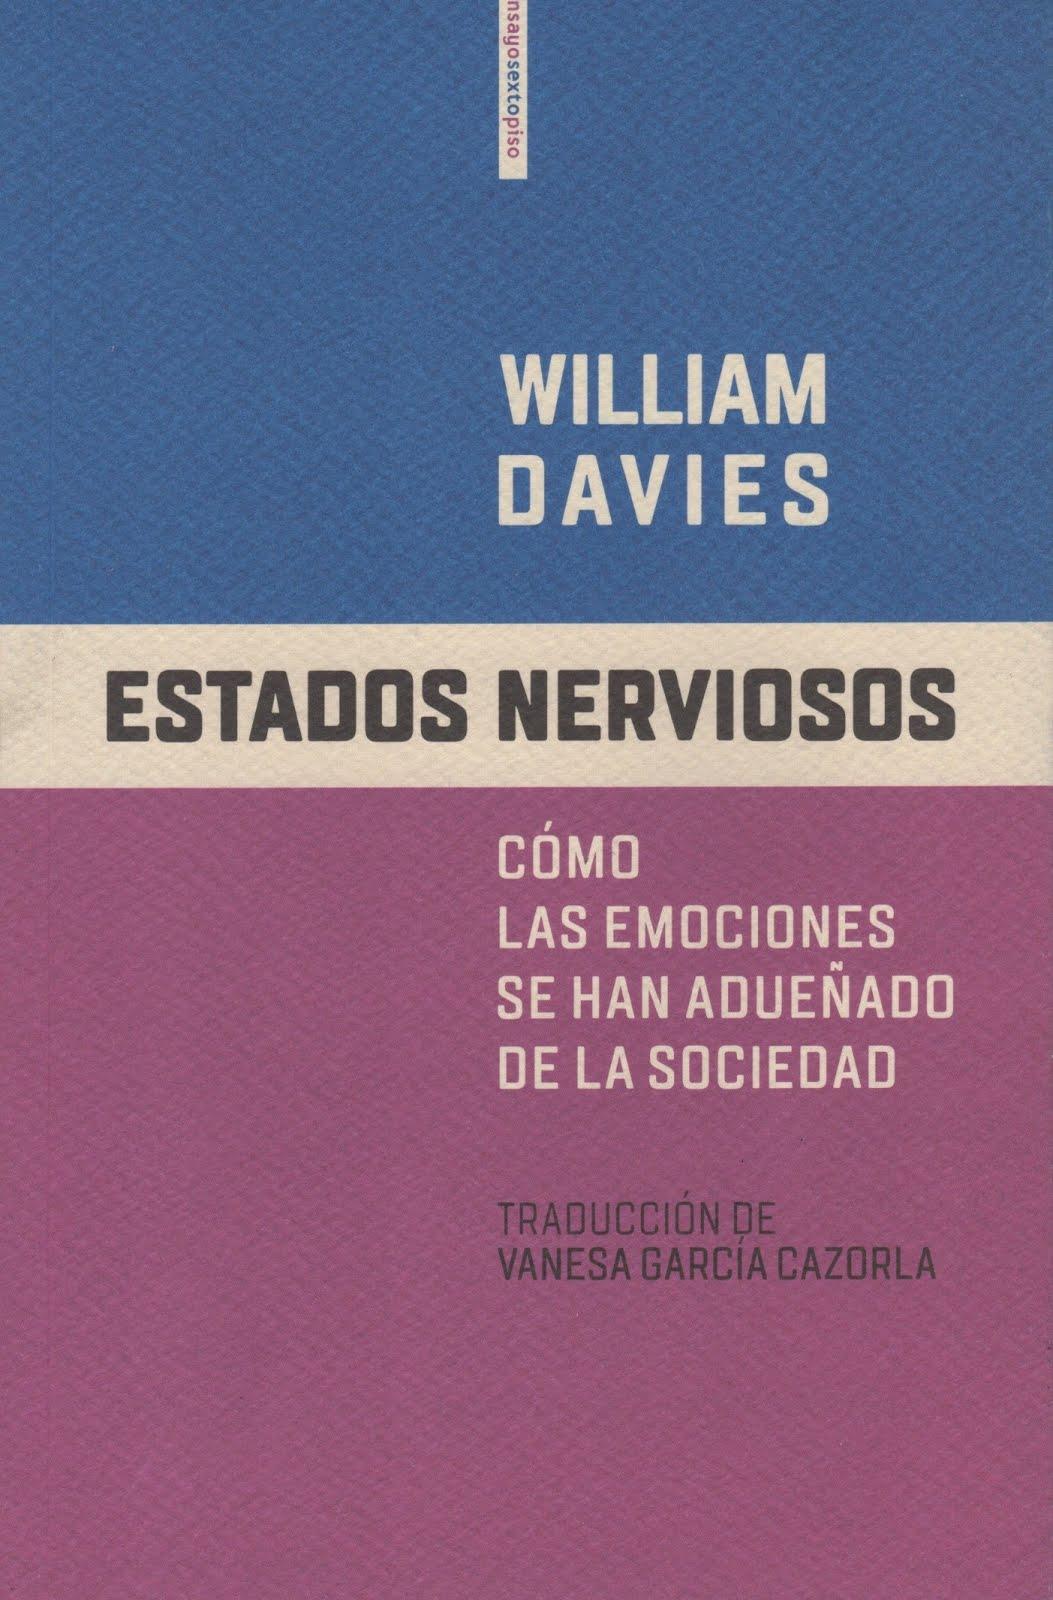 William Davies (Estados nerviosos) Cómo las emociones se han adueñado de la sociedad